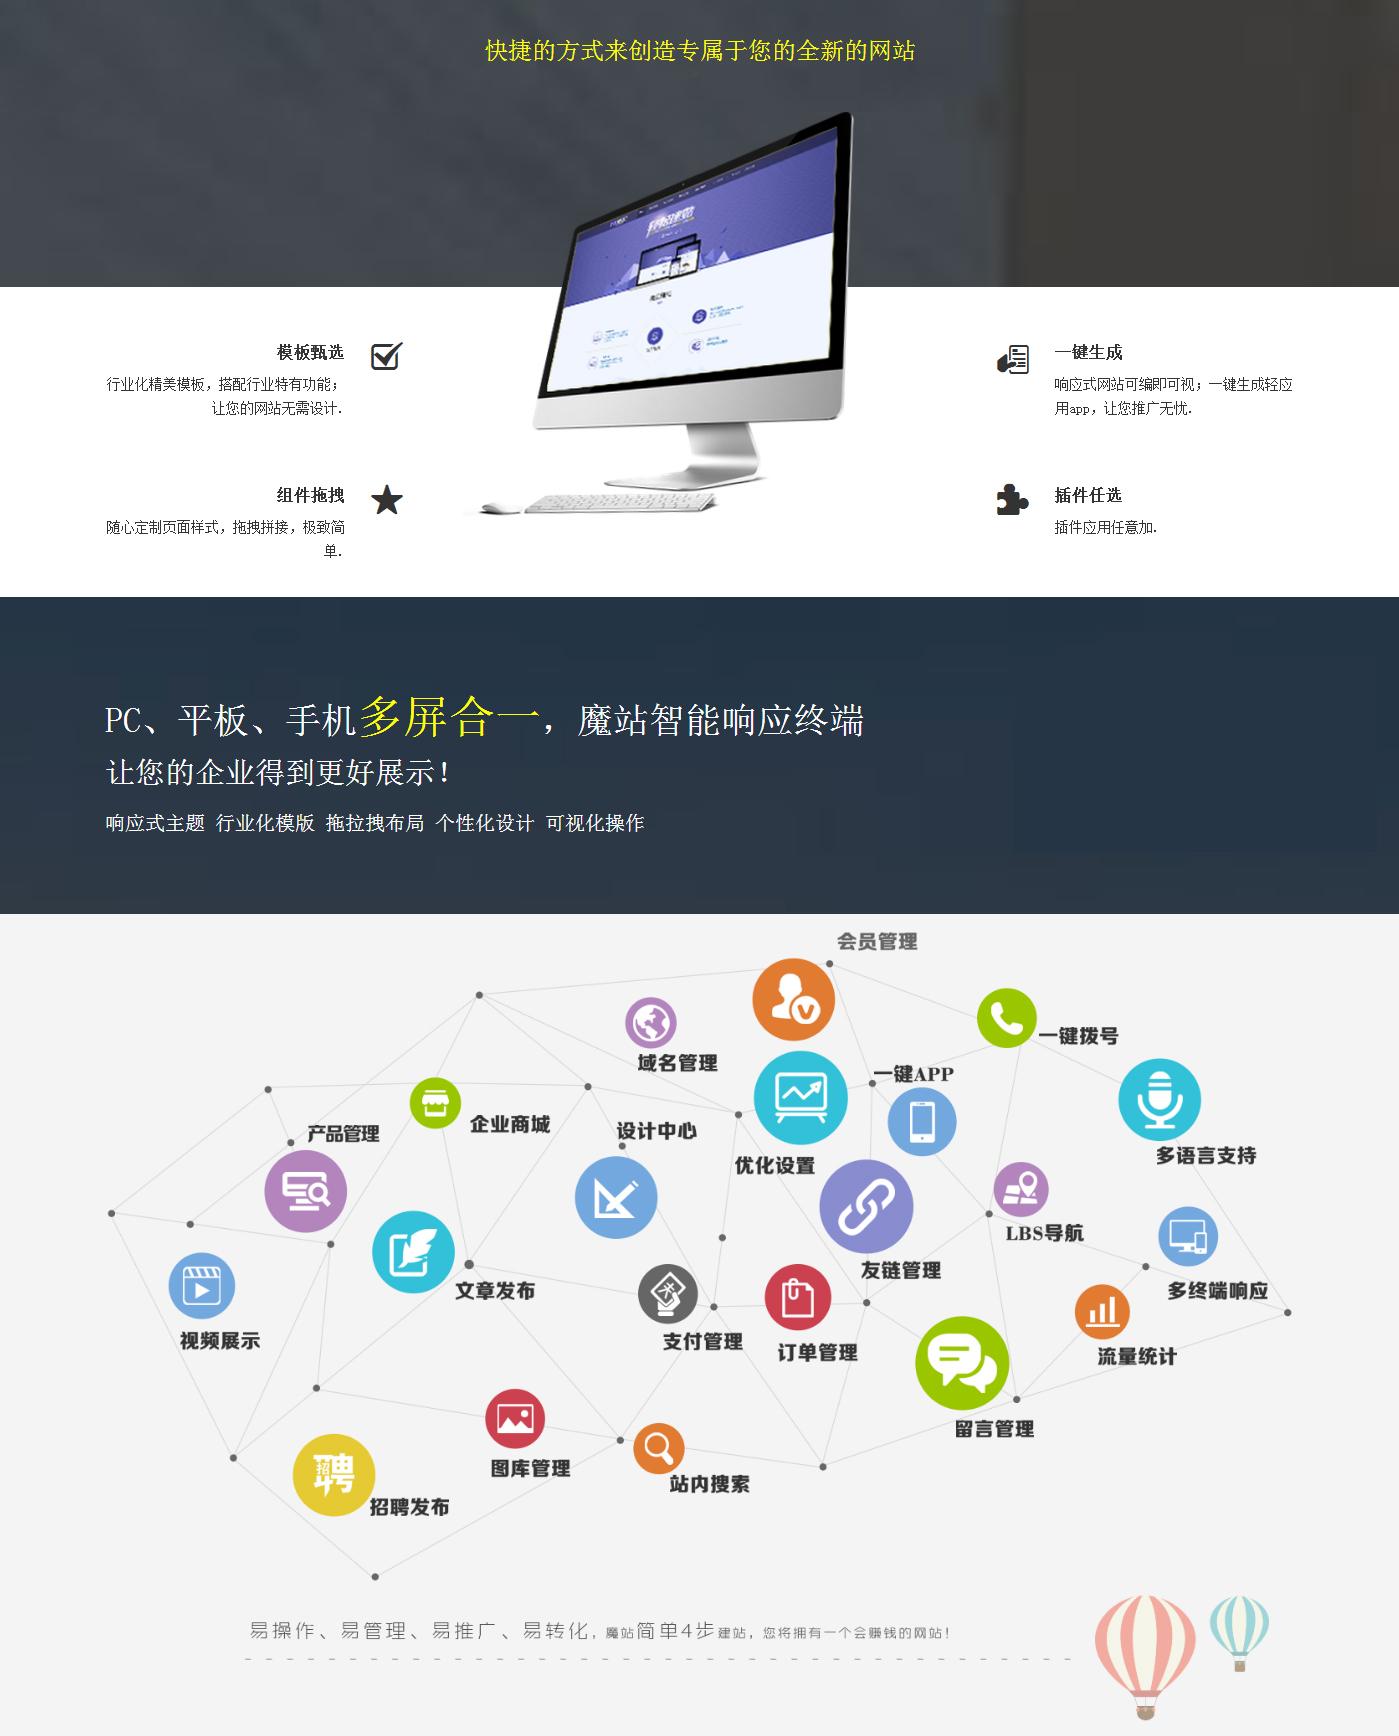 魔站企业建站系统_微网站_移动网站_手机网站_企业免费建站系统-首页.jpg